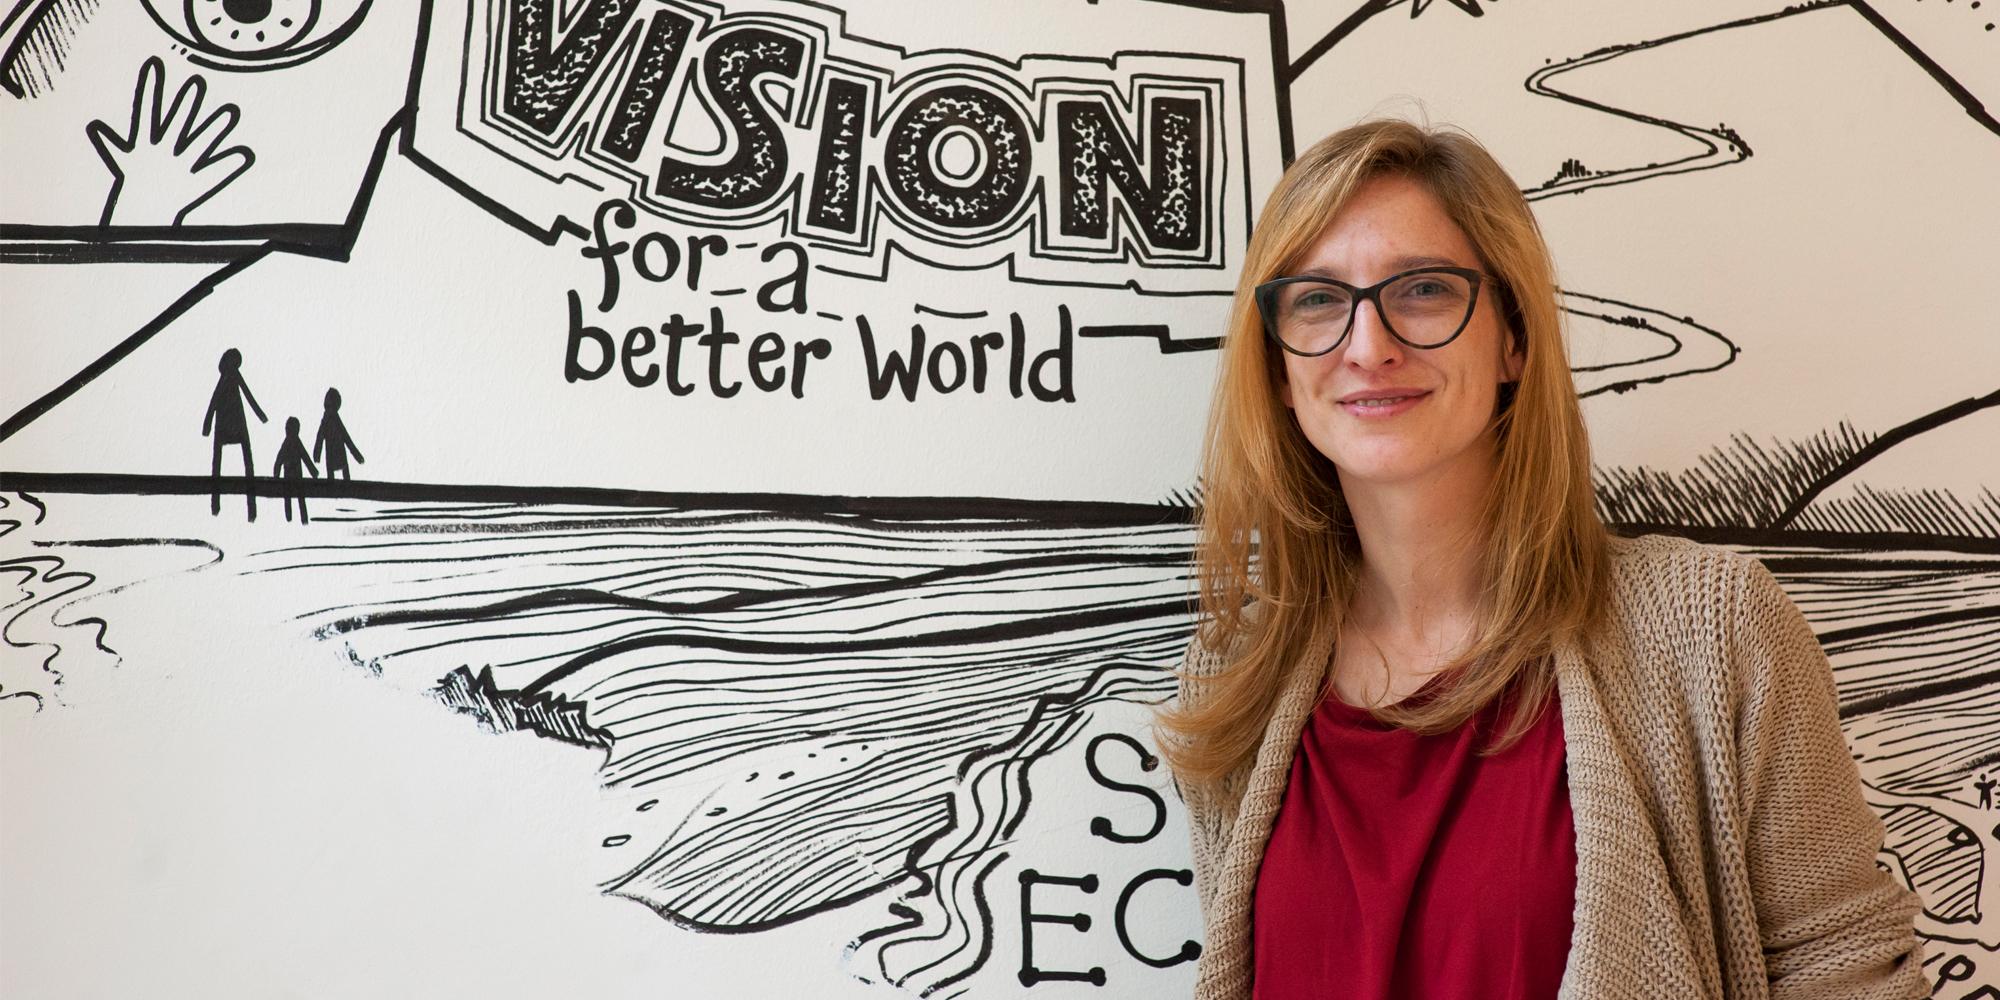 Yvonne Gimpel, Austria, participant in the GCLP 2018